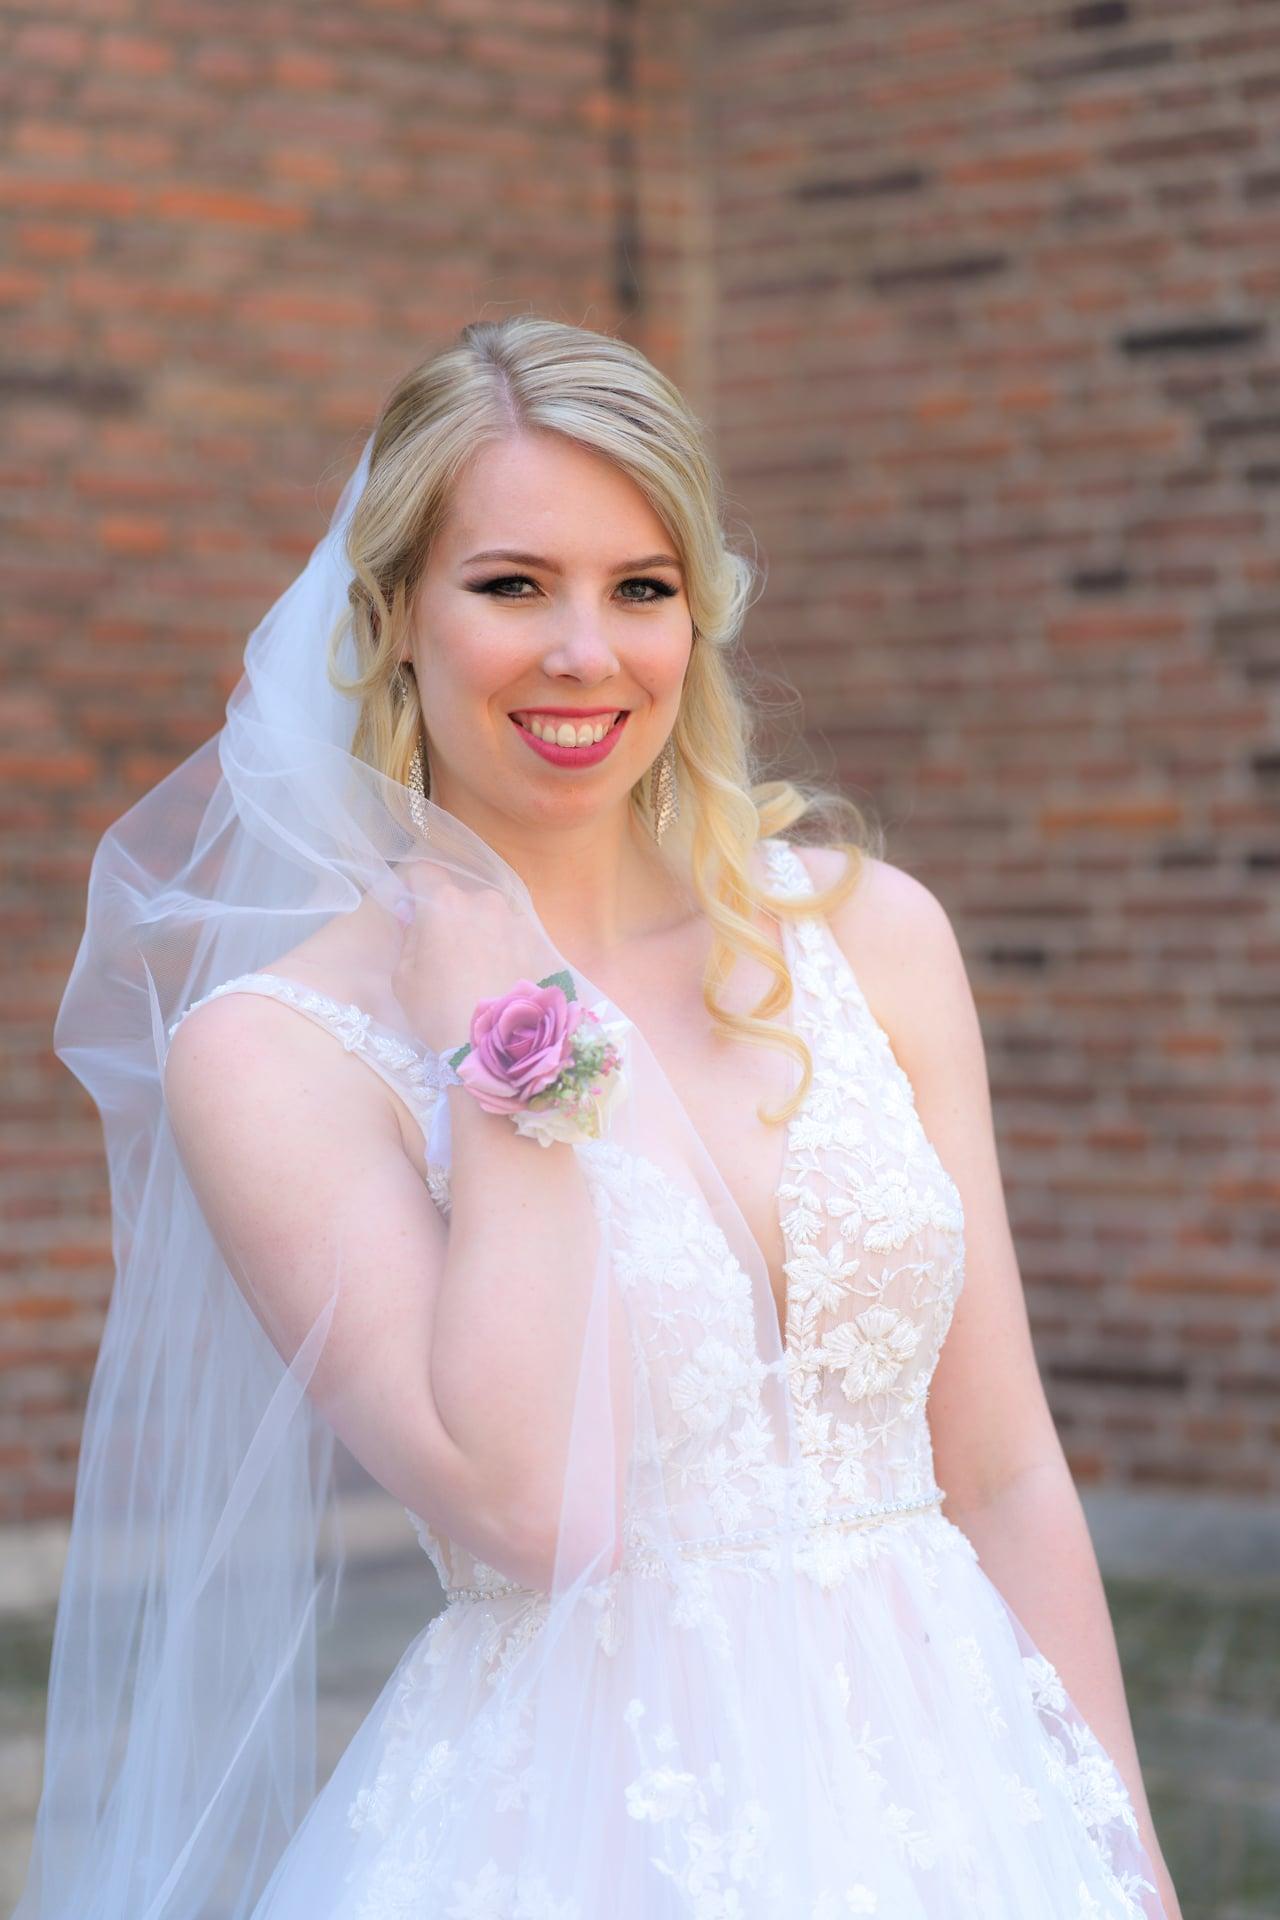 Bruid Den Haag portret, bruidsfotografie door trouwfotograaf Grietje Mesman